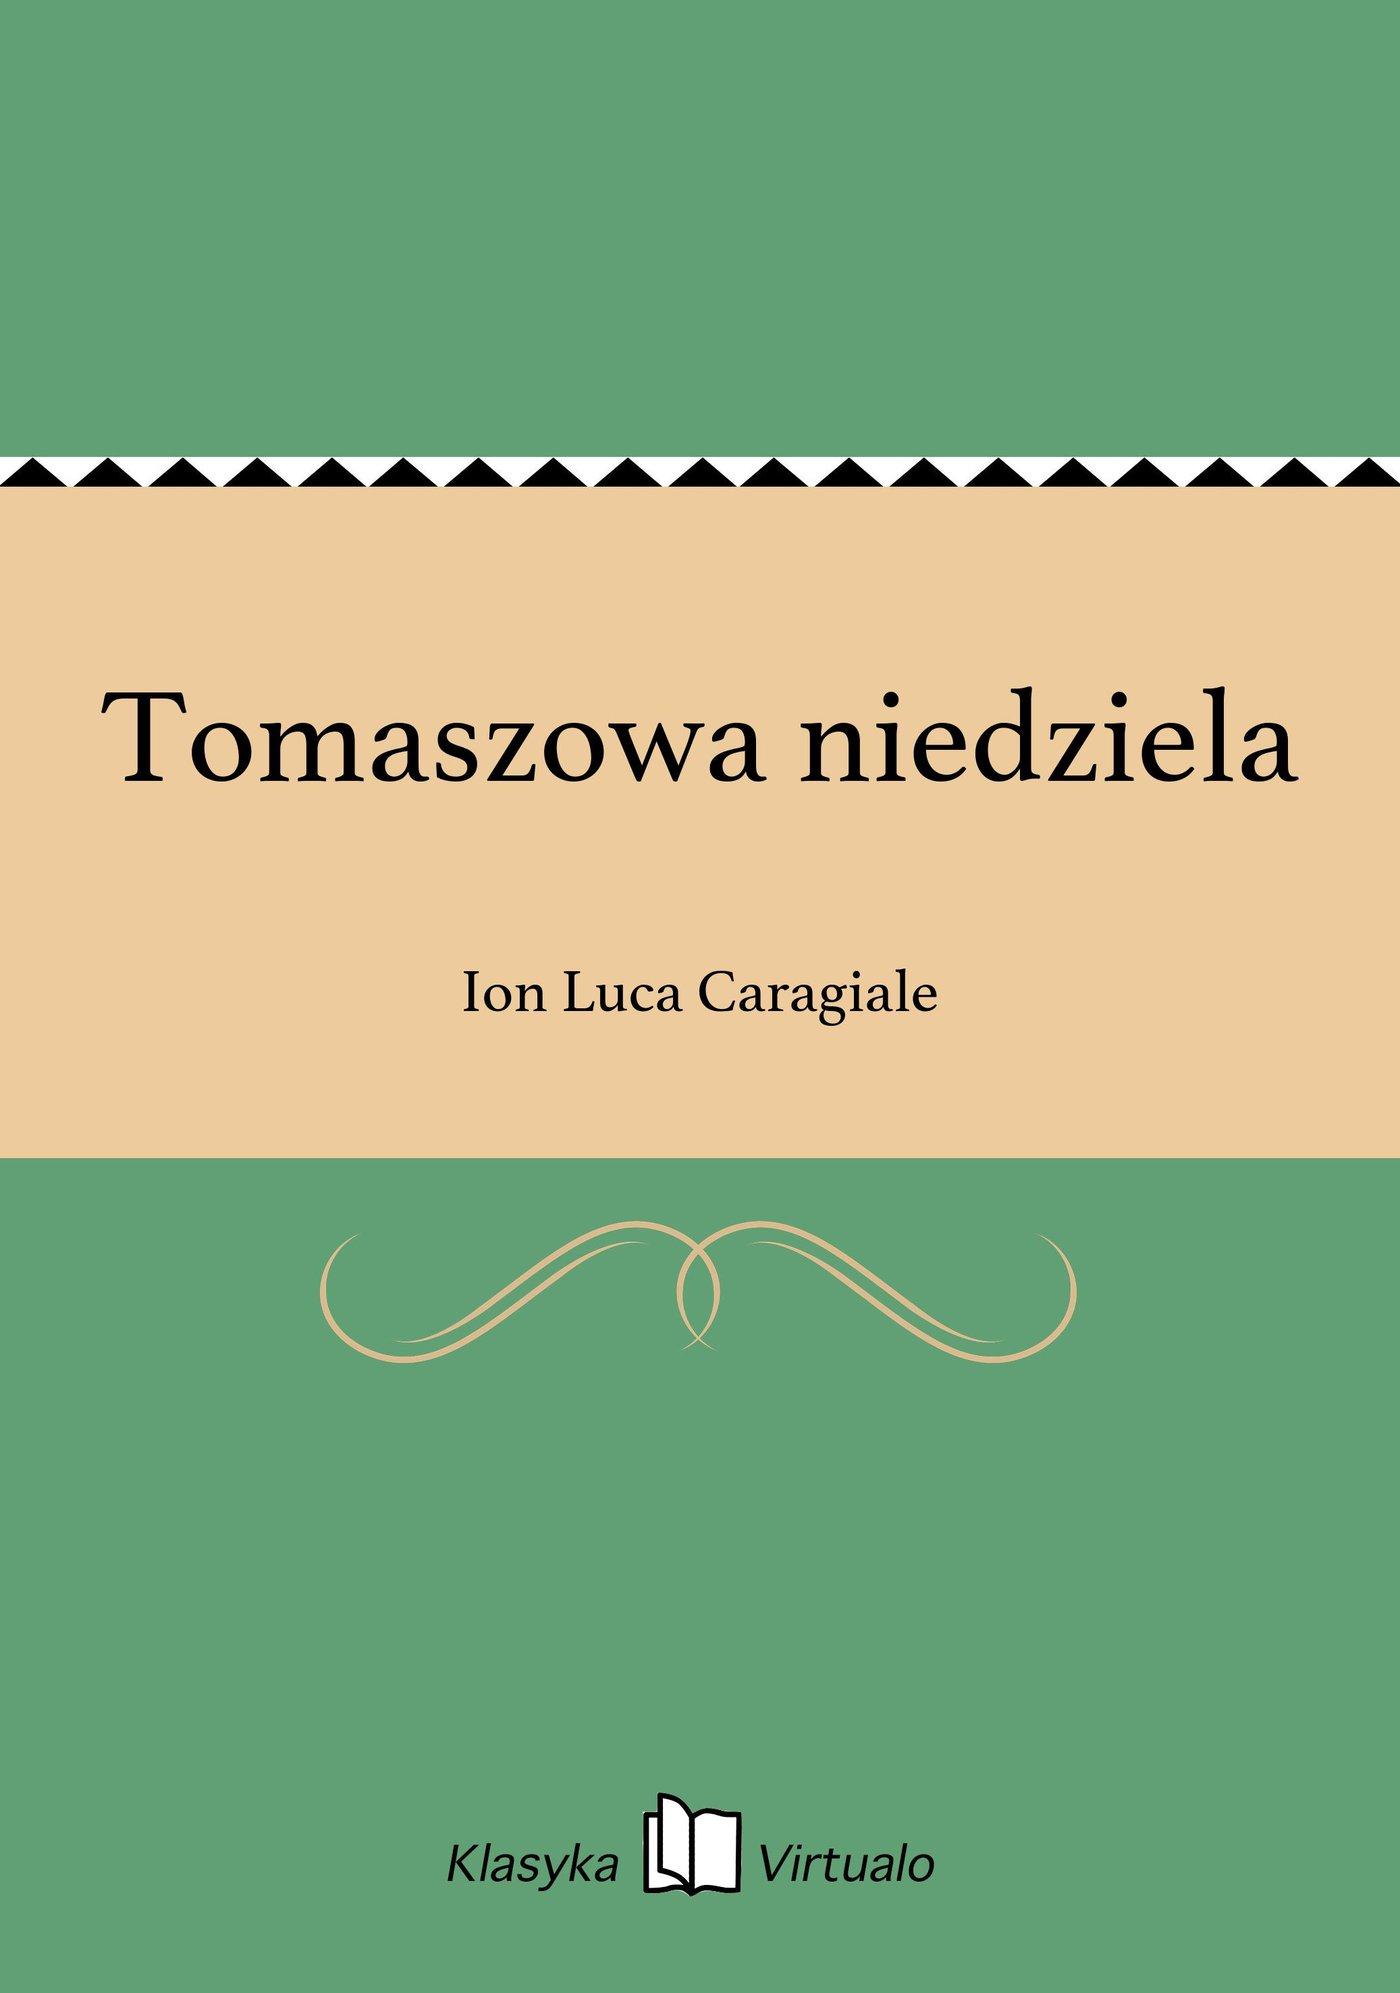 Tomaszowa niedziela - Ebook (Książka EPUB) do pobrania w formacie EPUB